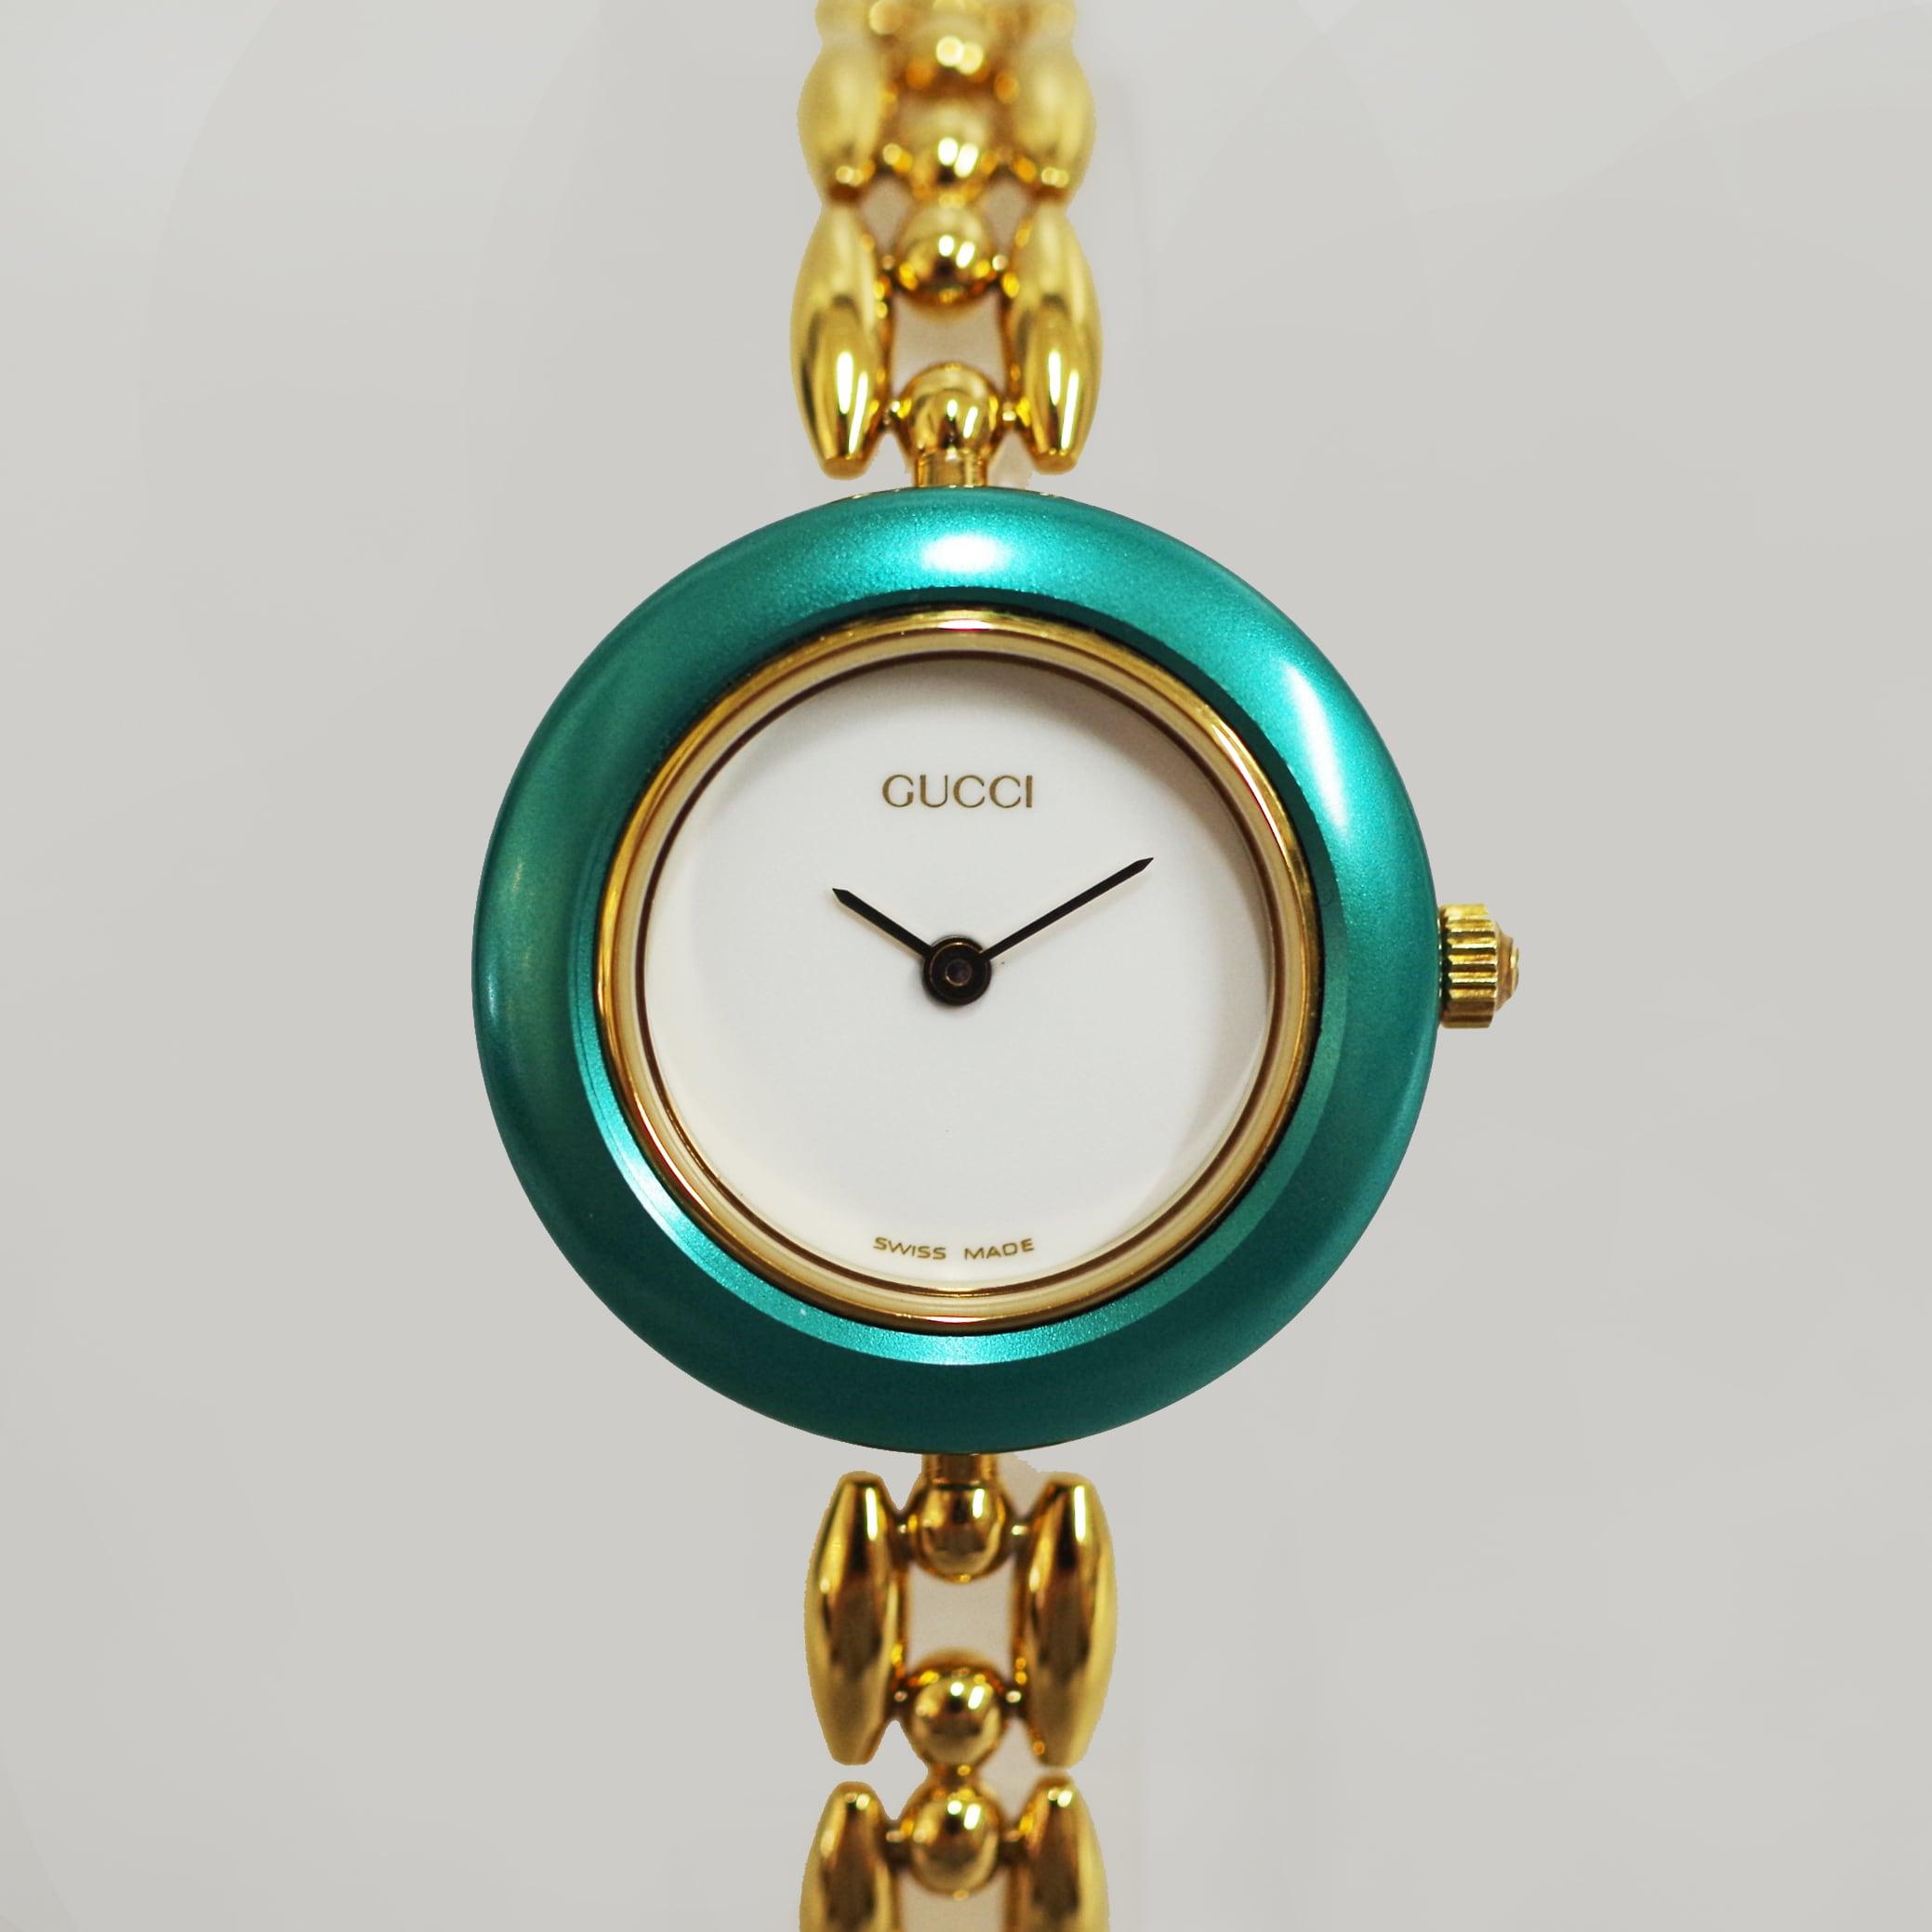 GUCCI グッチ 11/12.2 チェンジベゼル SS クォーツ ホワイト文字盤 腕時計 レディース